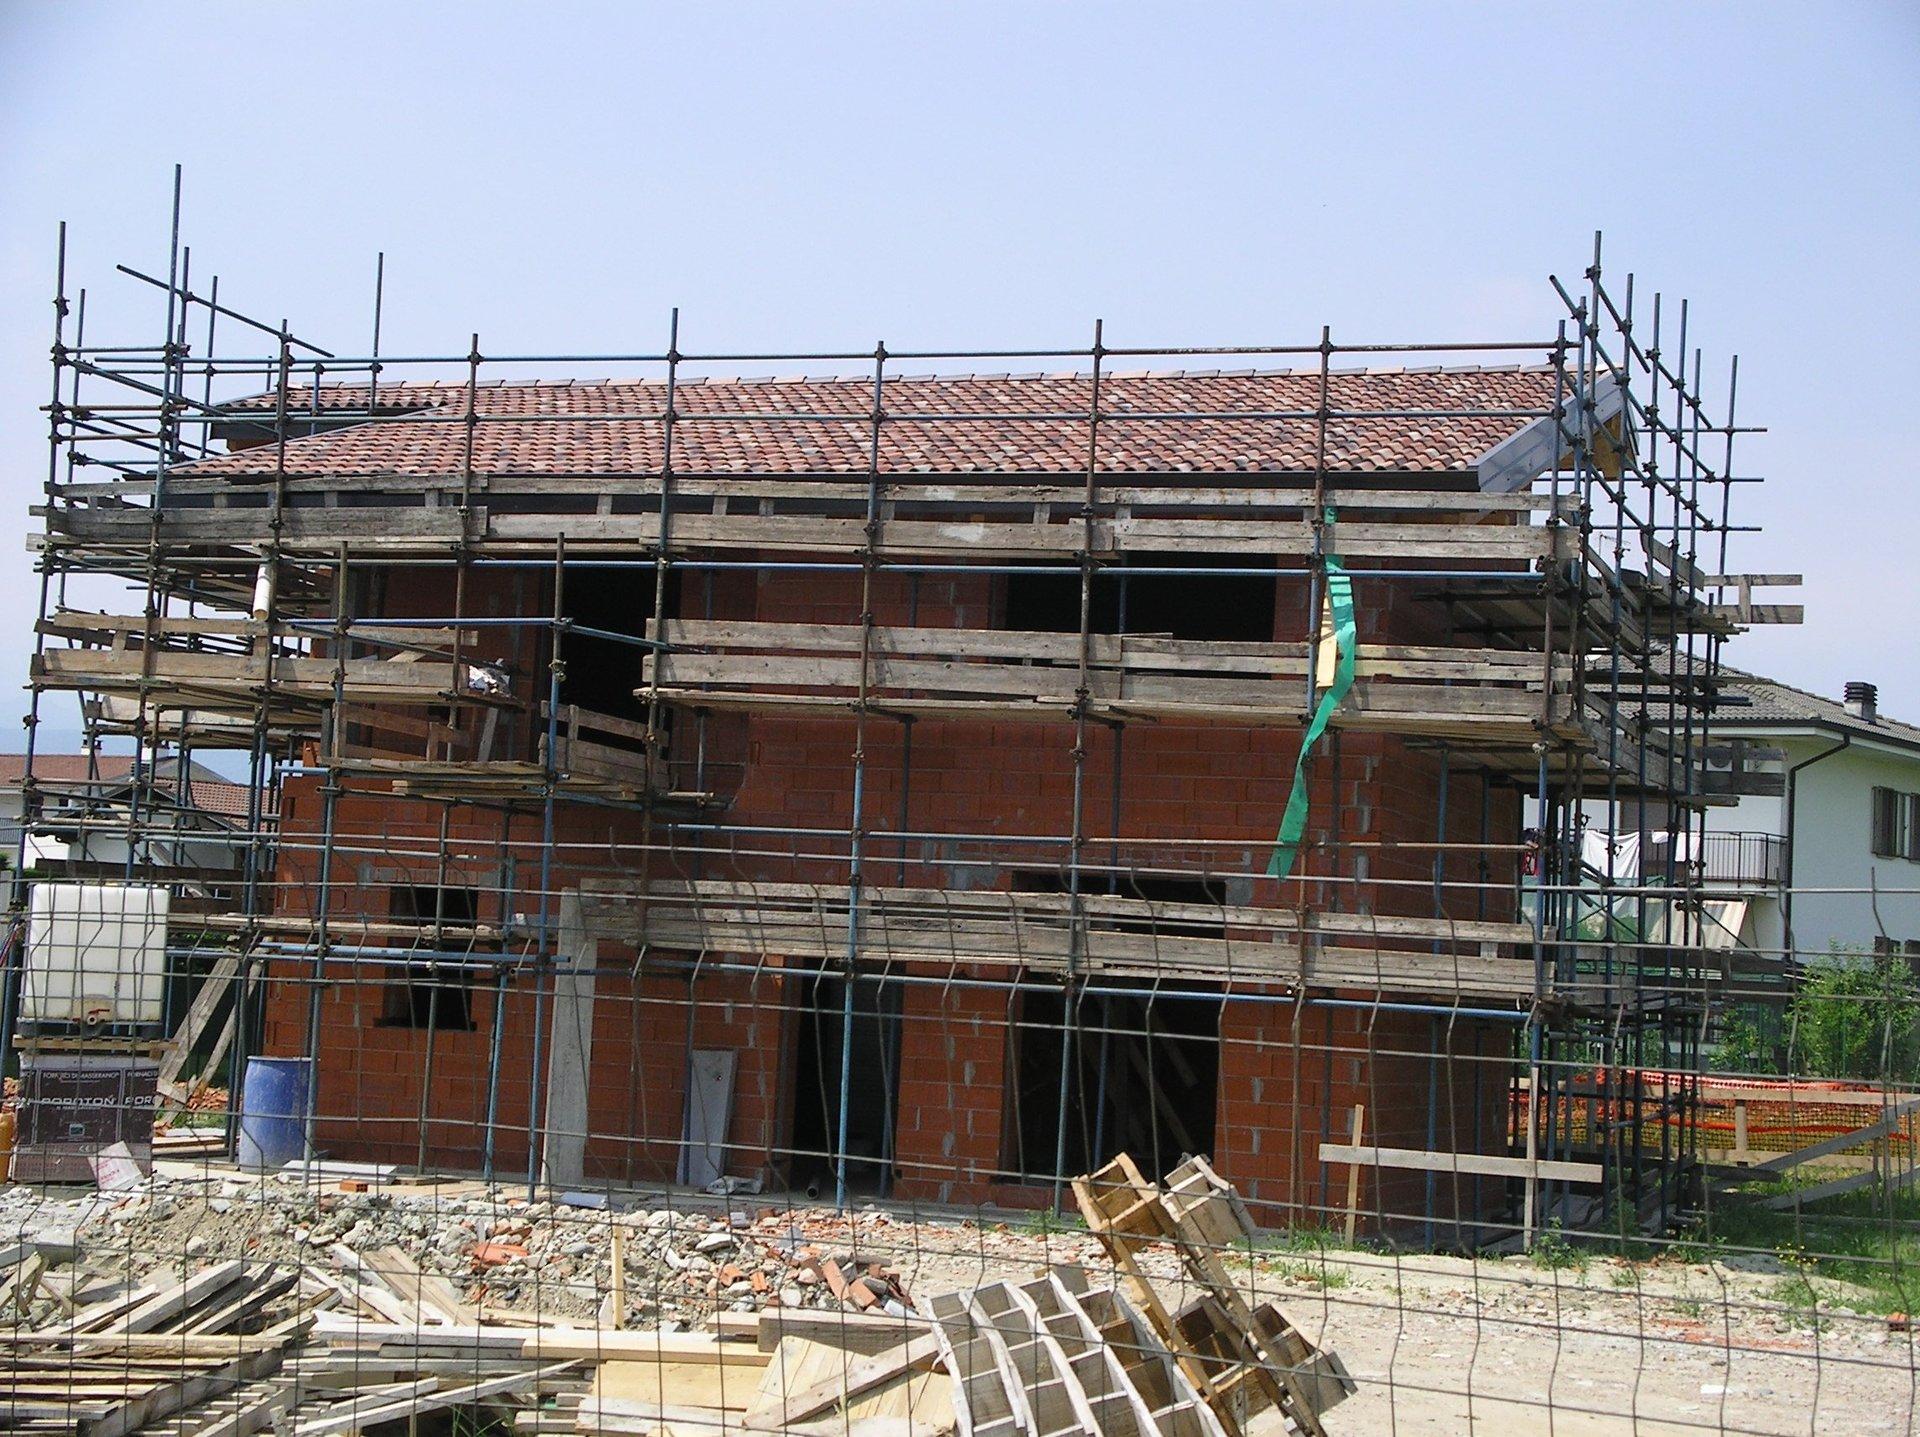 una casa durante ristrutturazione con ponteggi e materiali edili